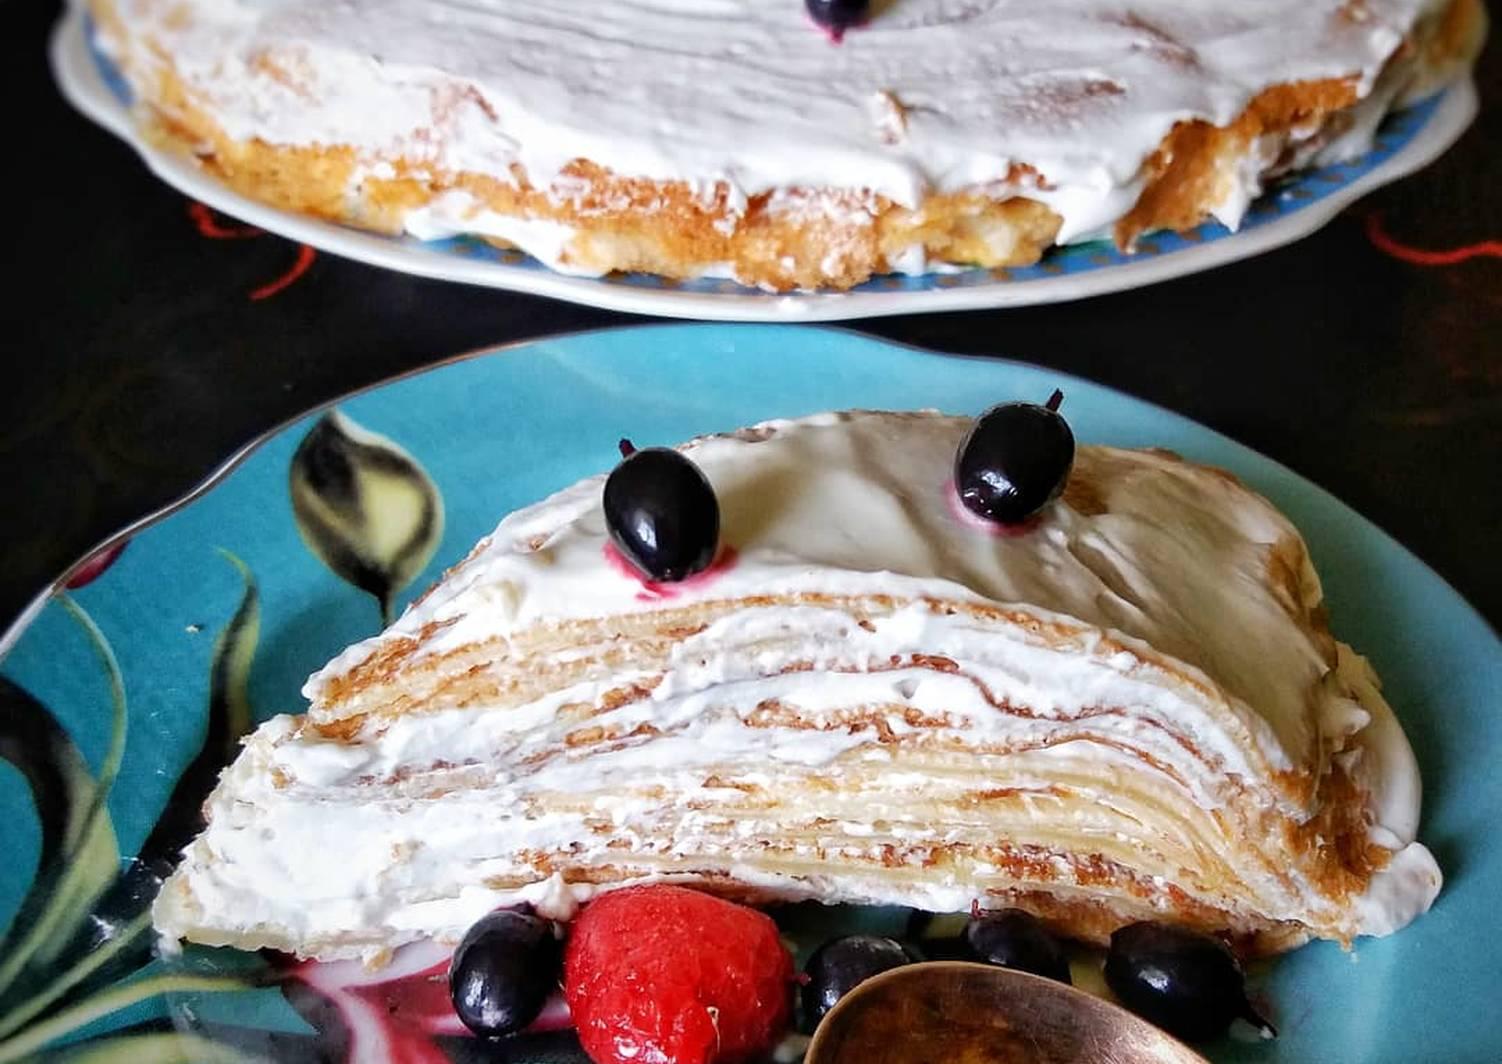 блинный торт лучший рецепт с фото любит проигрывать